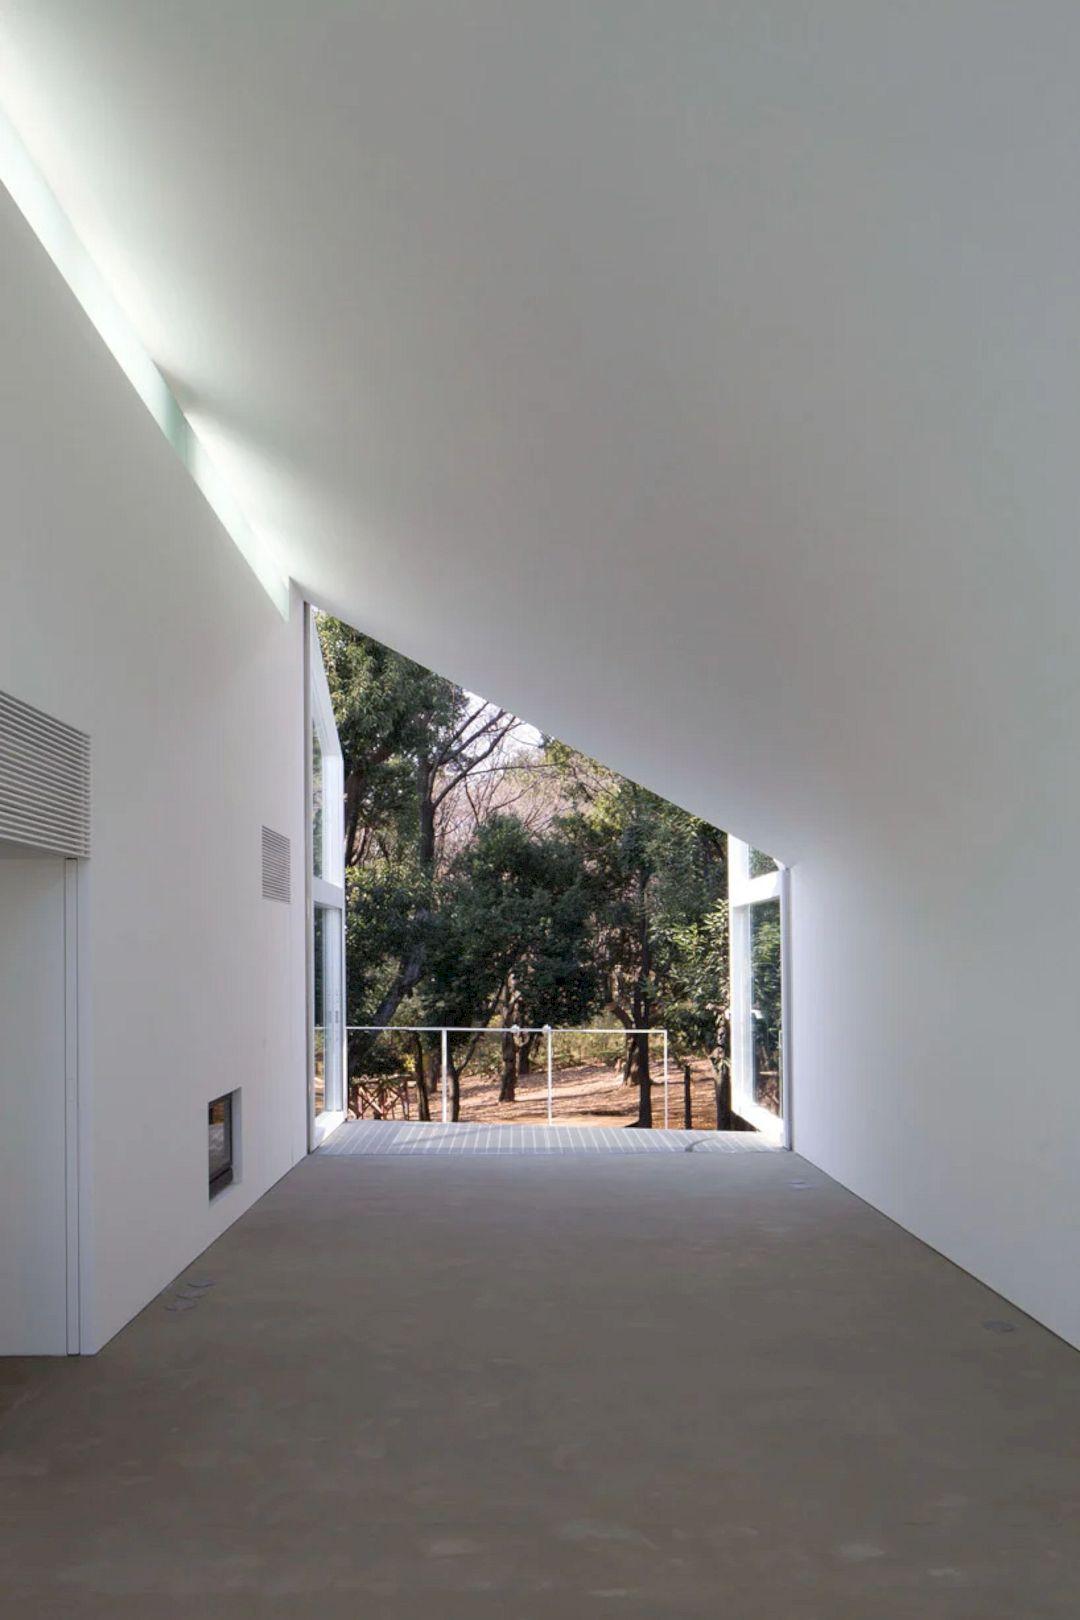 House At Hanegi Park By Shigeru Ban Architects 4